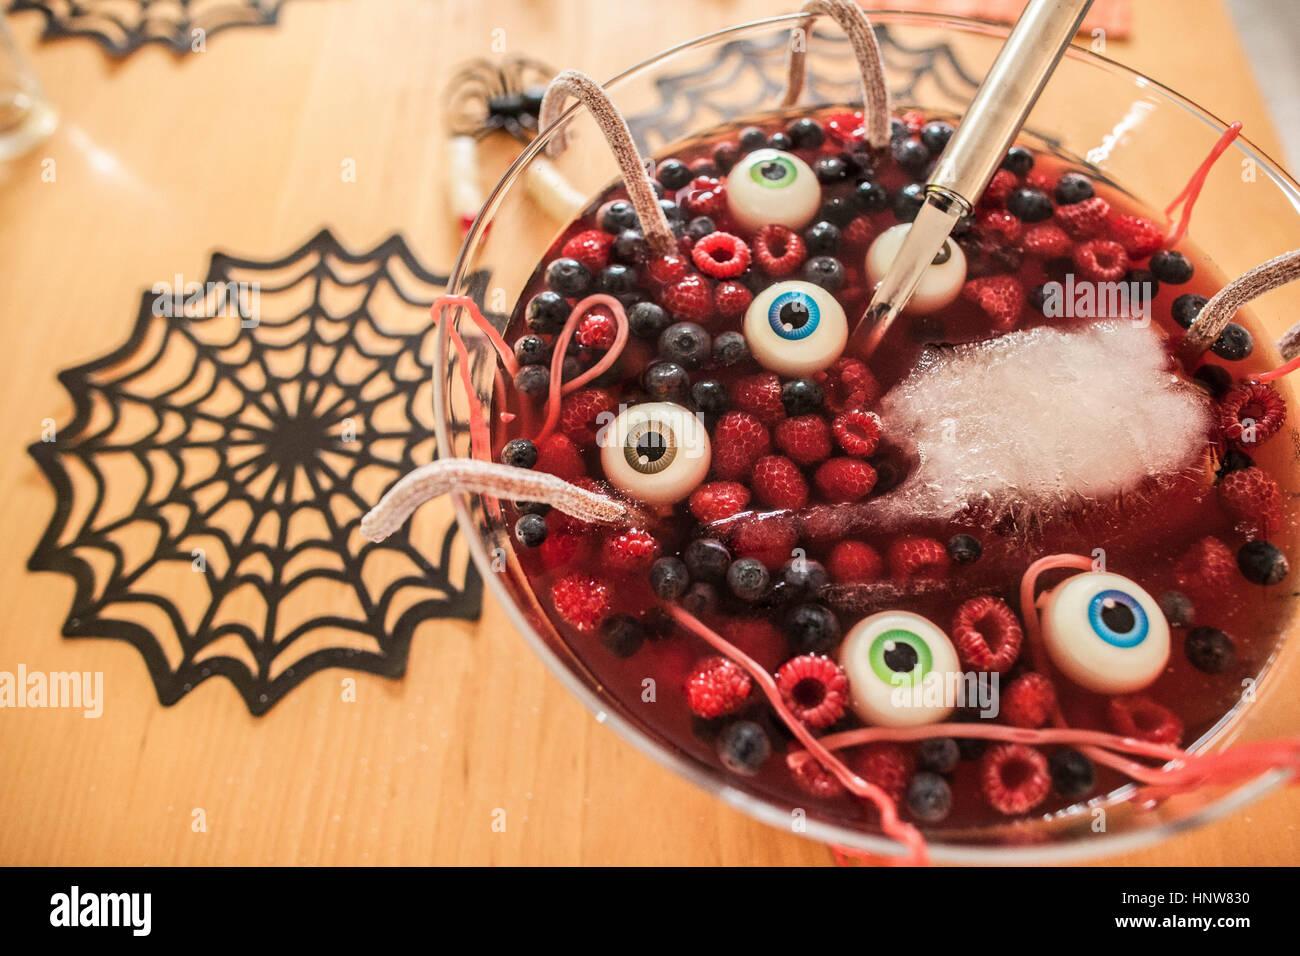 Postre de Halloween con bayas y flotantes, cerca de los ojos Imagen De Stock